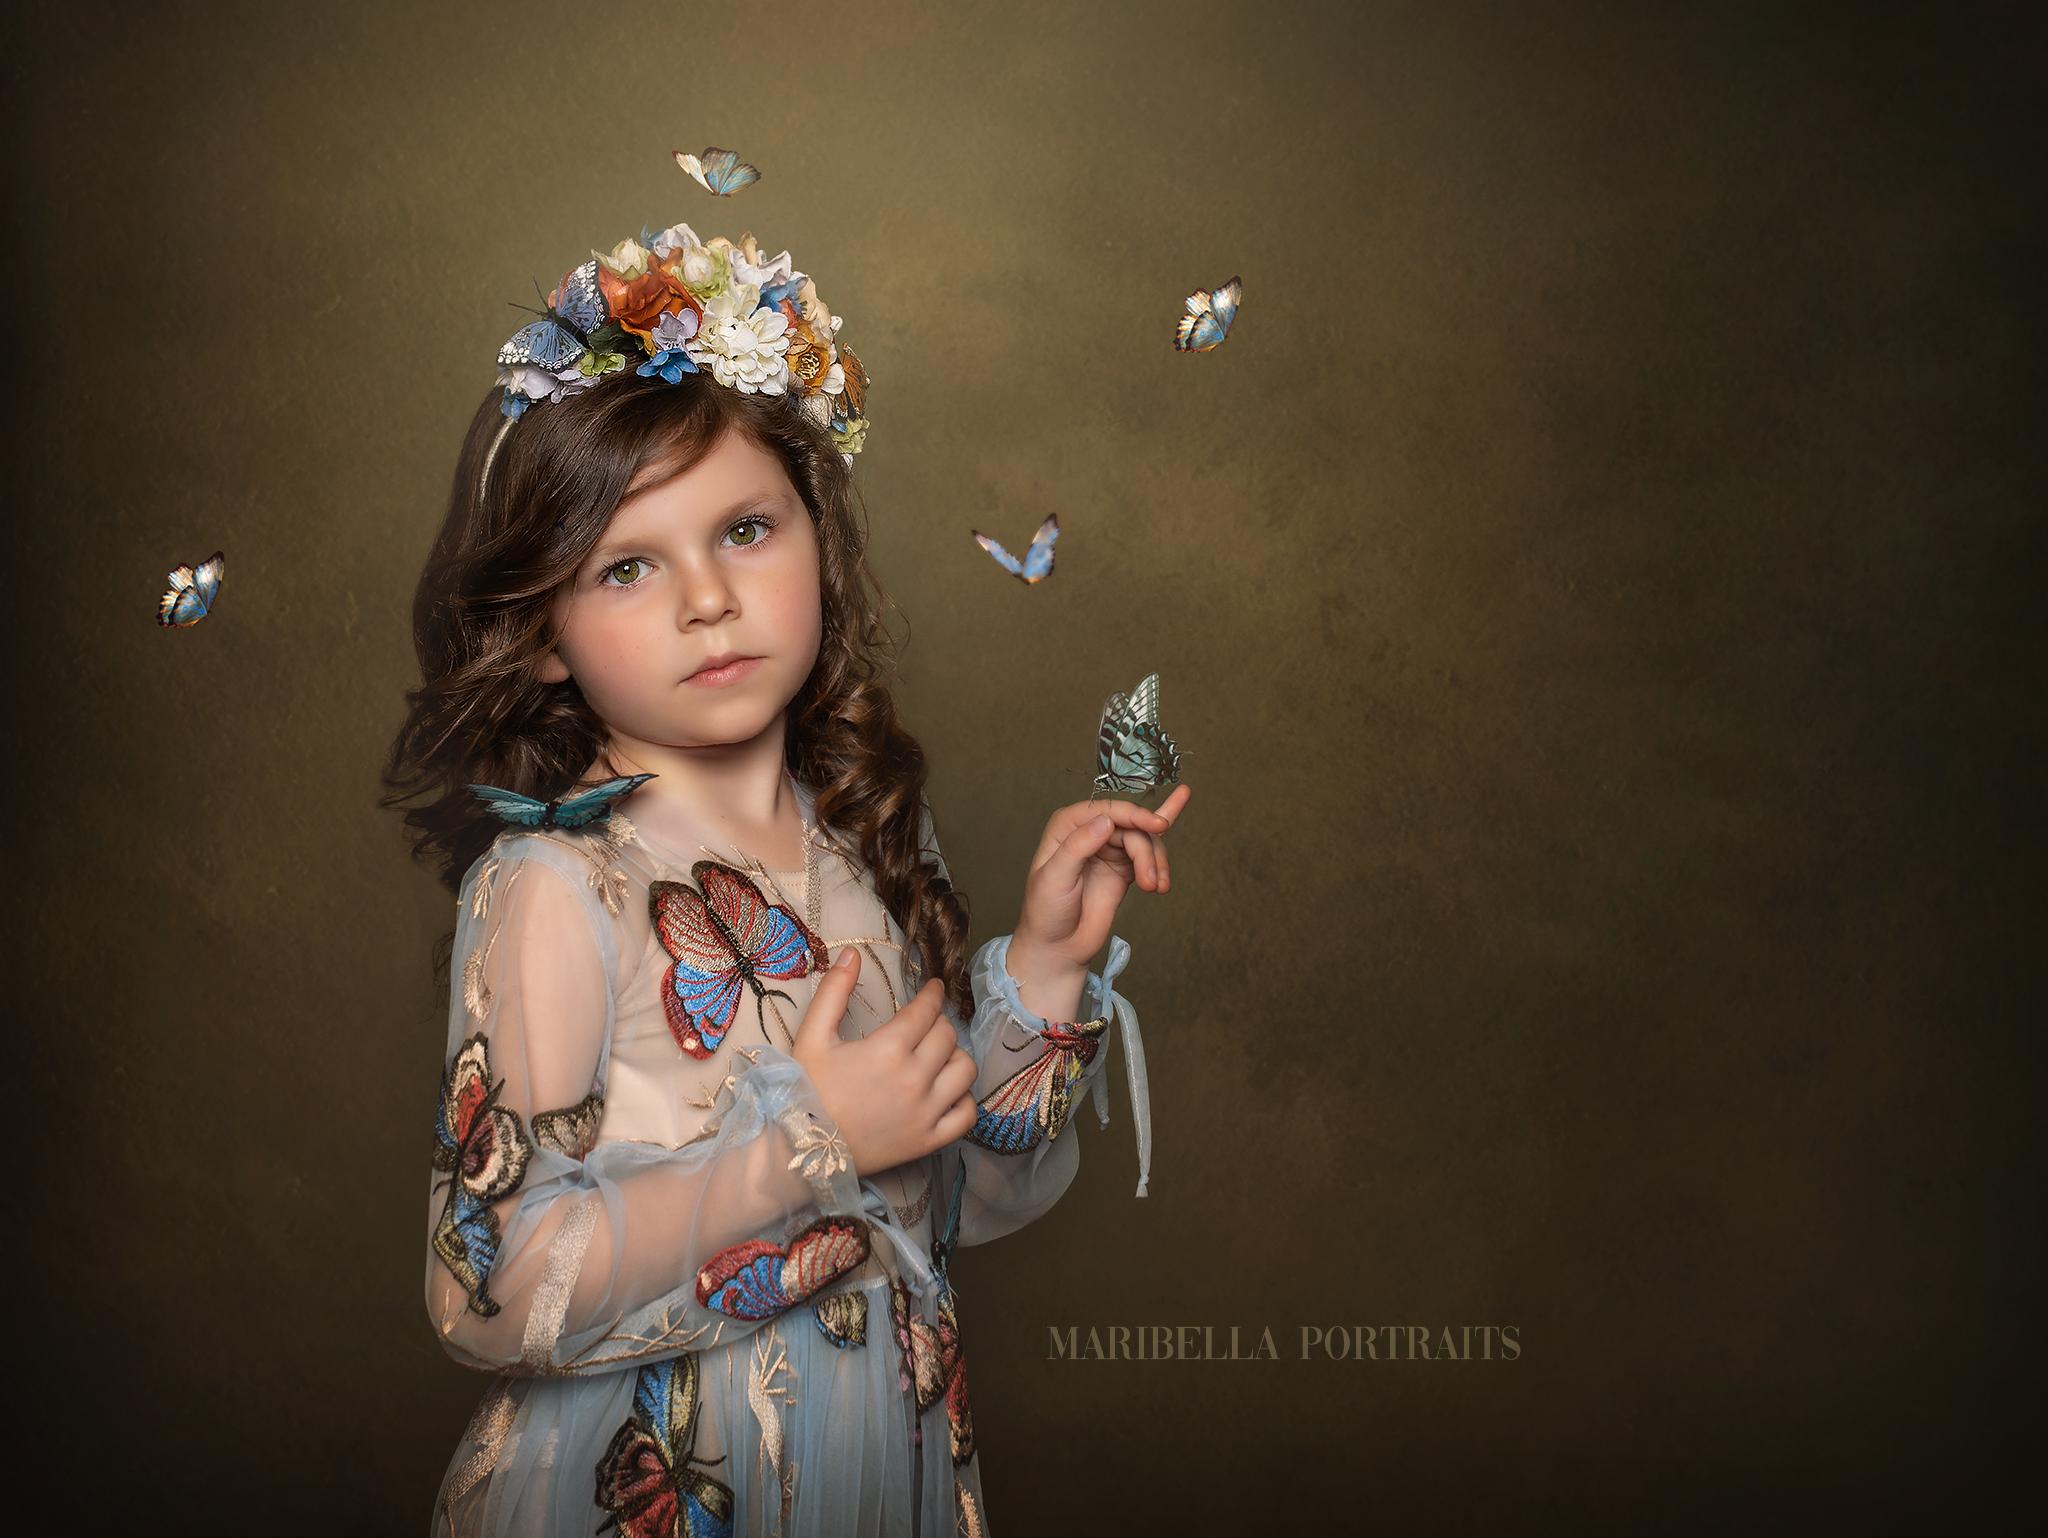 butterfly photoshoot ideas